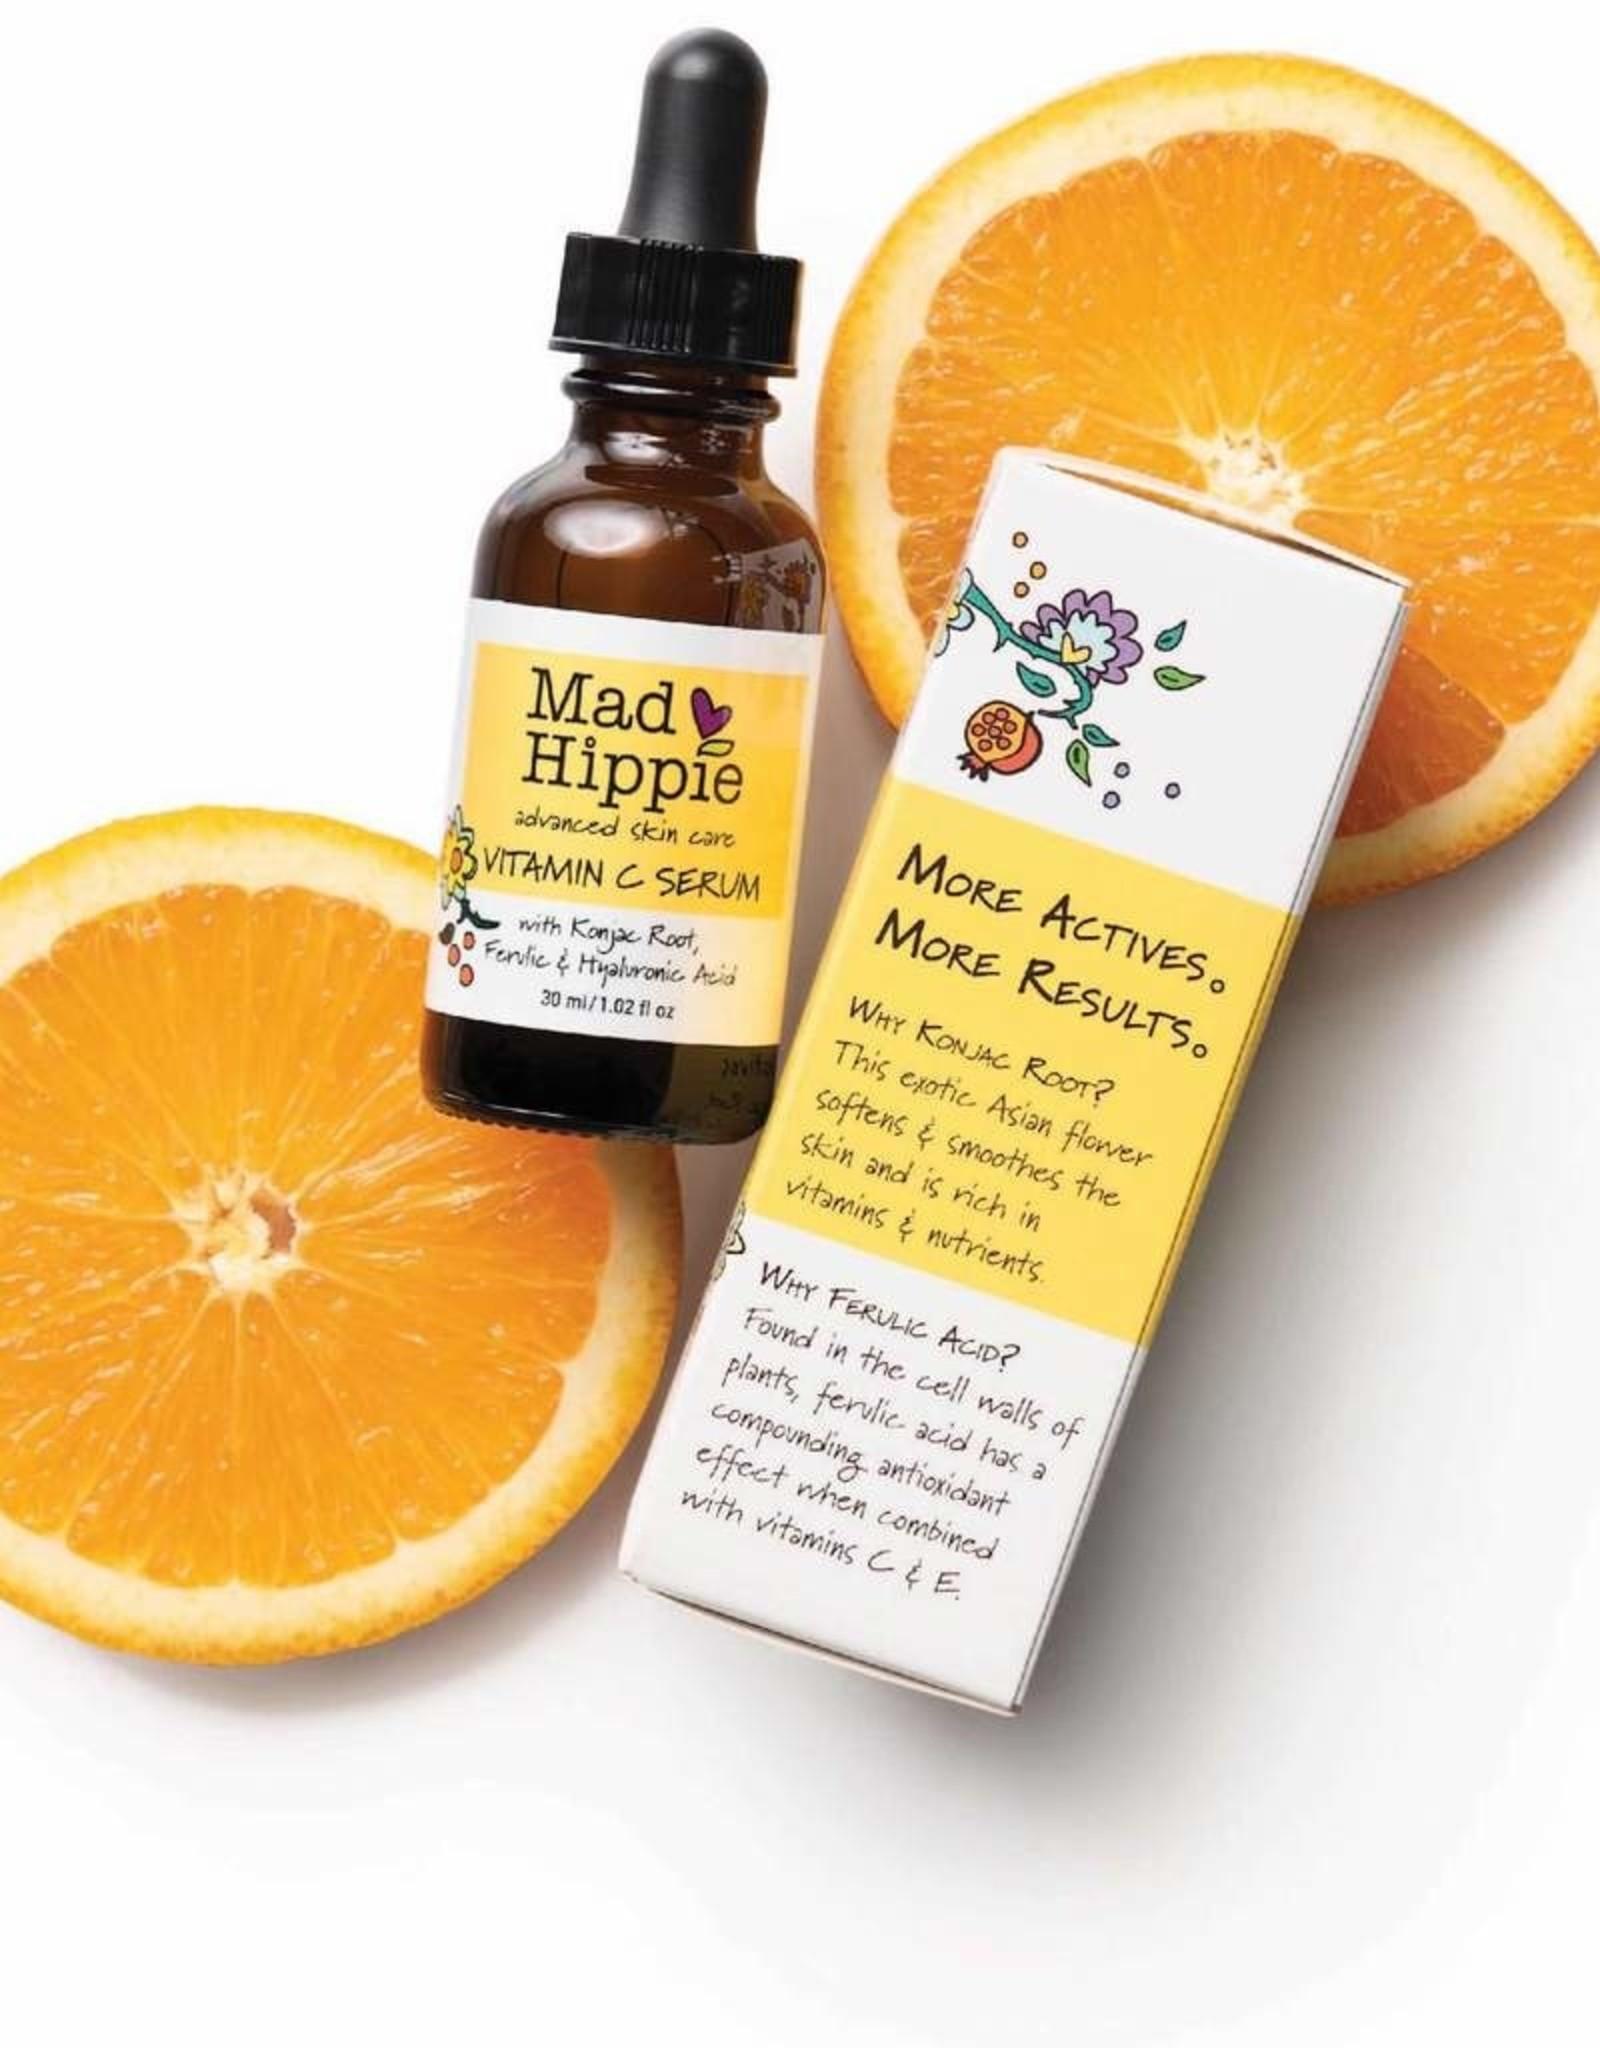 Mad Hippie Vitamin C Serum 30ml